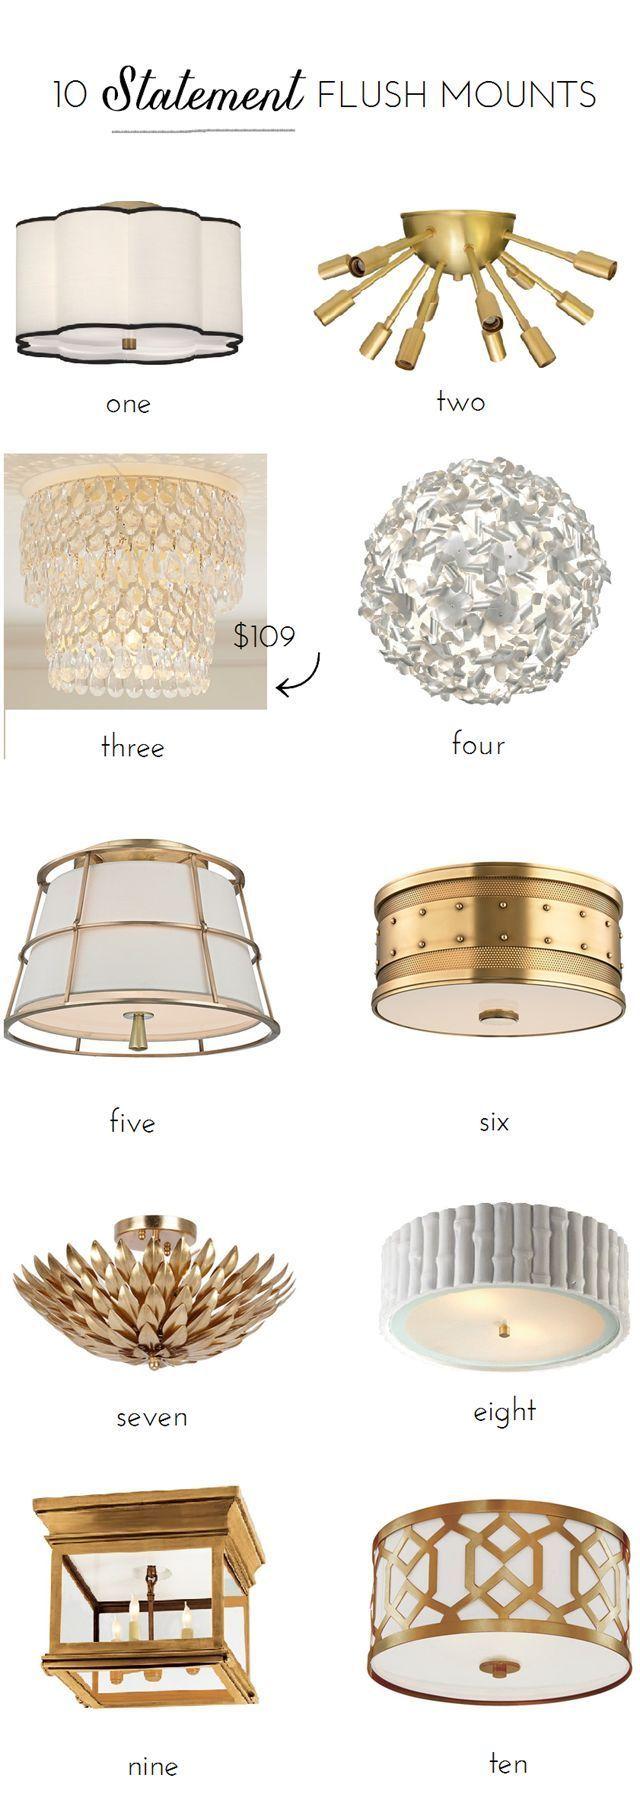 143 best Lighting images on Pinterest | Elle decor, Counter stool ...